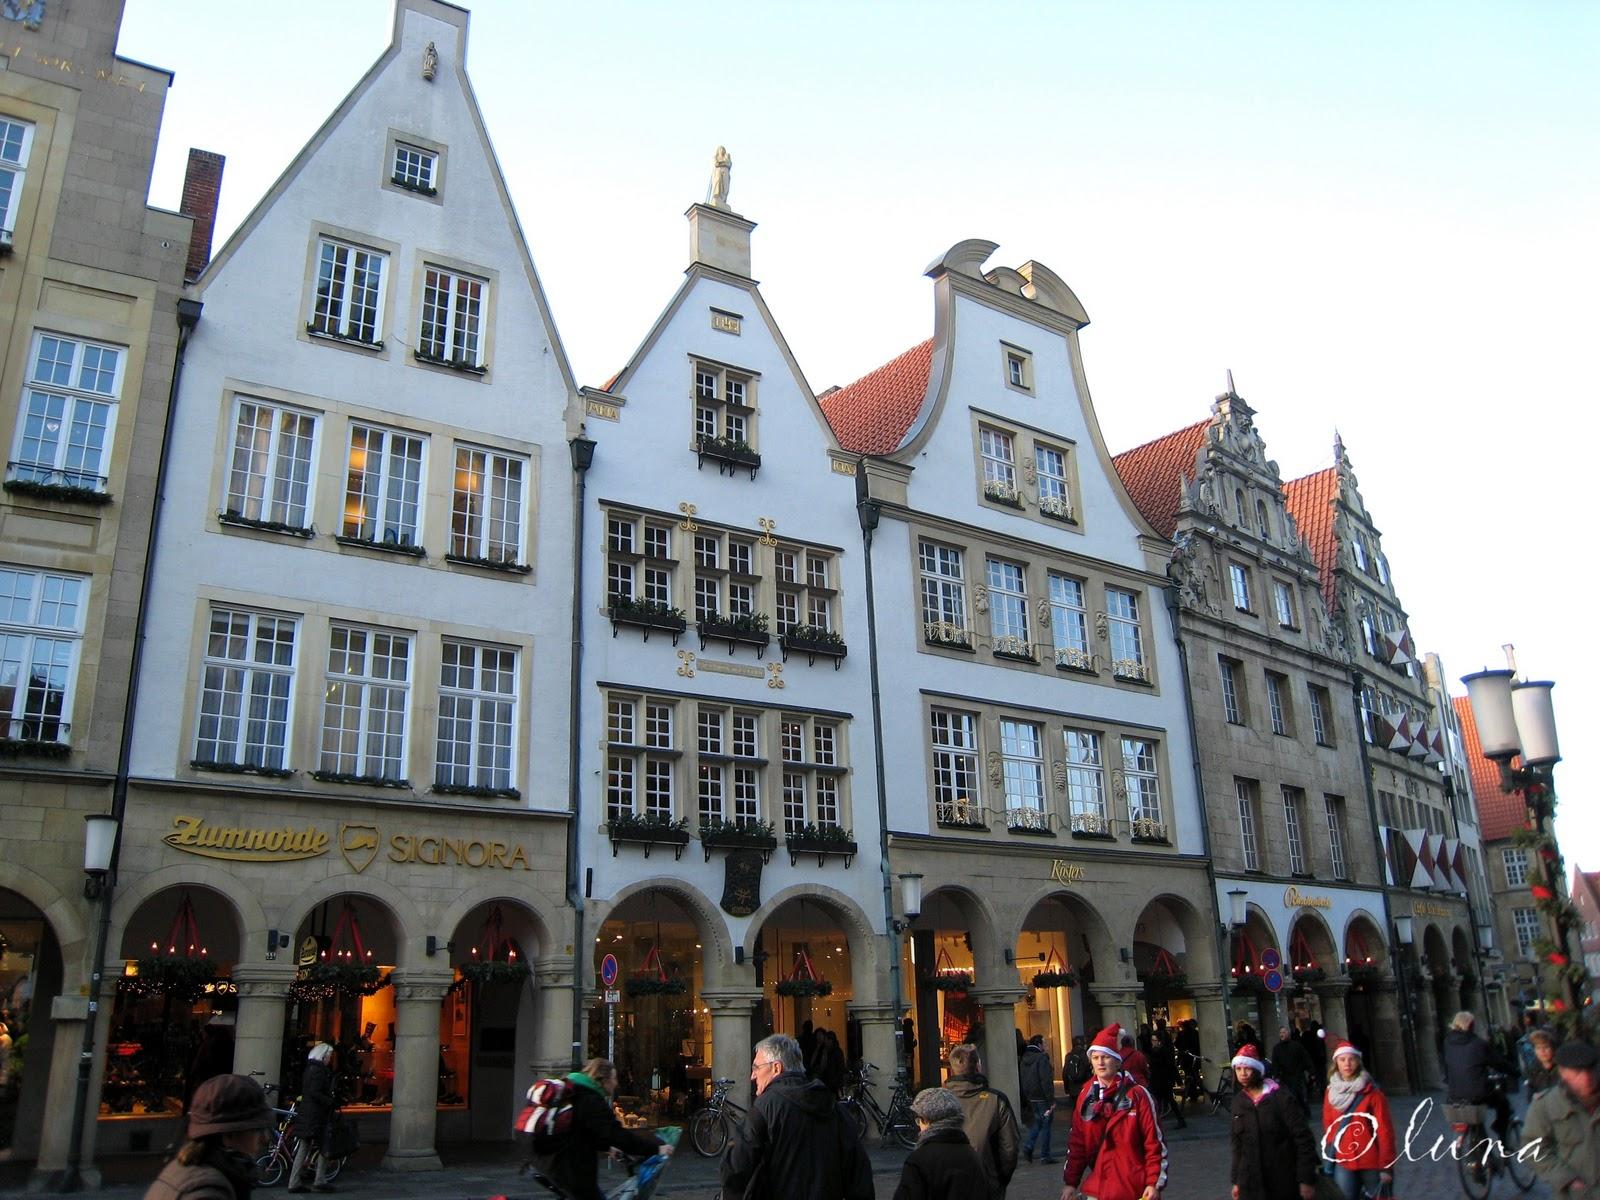 オランダ 田舎暮らし: ドイツのクリスマスマーケット 街並み編 オラン...  ドイツのクリスマ